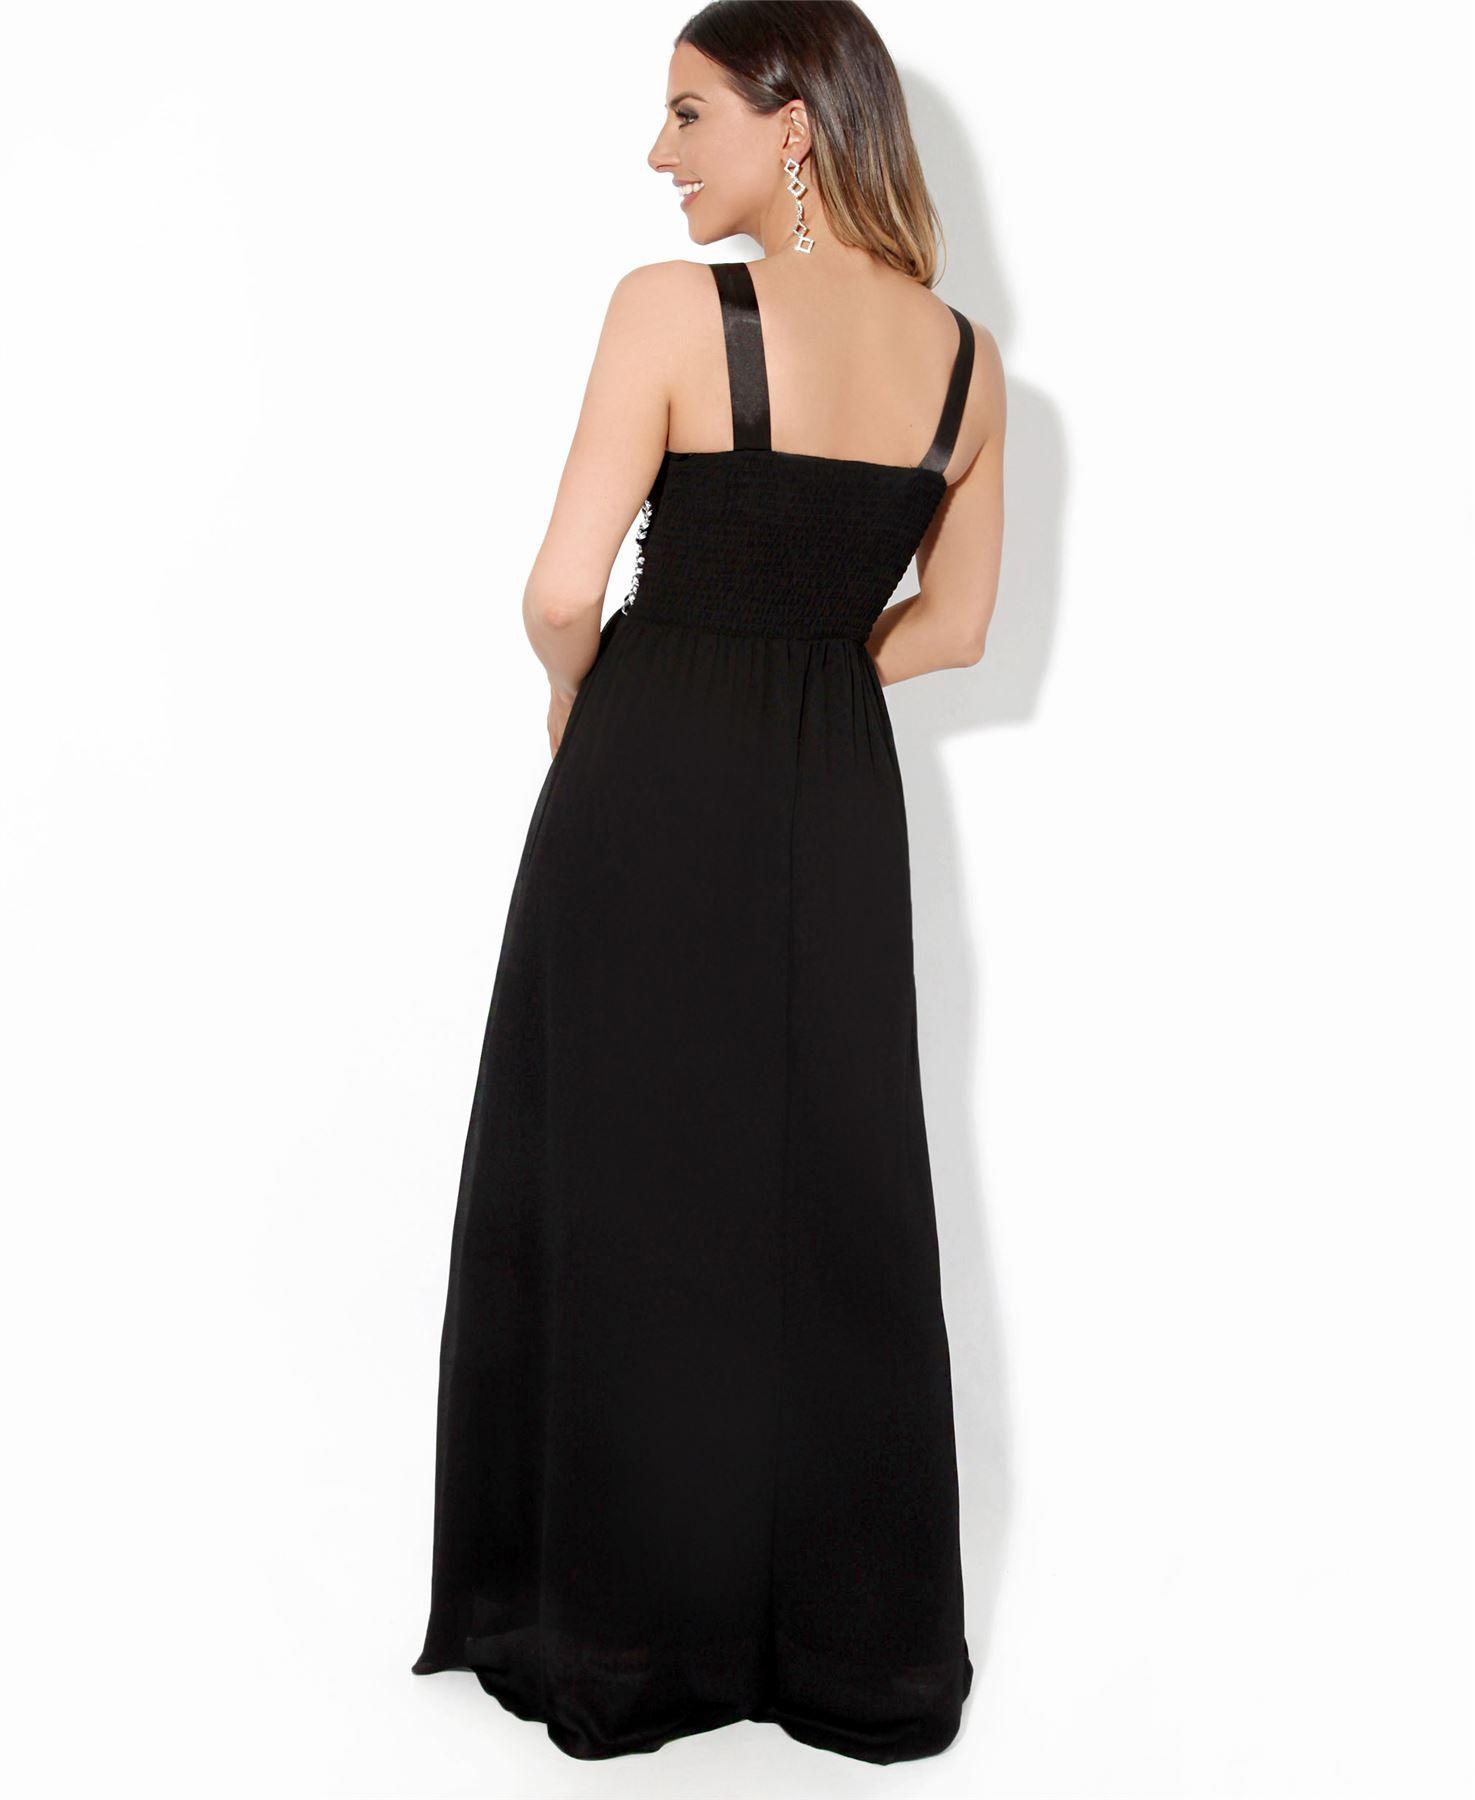 10 Großartig Meerjungfrau Abendkleid Ärmel15 Fantastisch Meerjungfrau Abendkleid Design